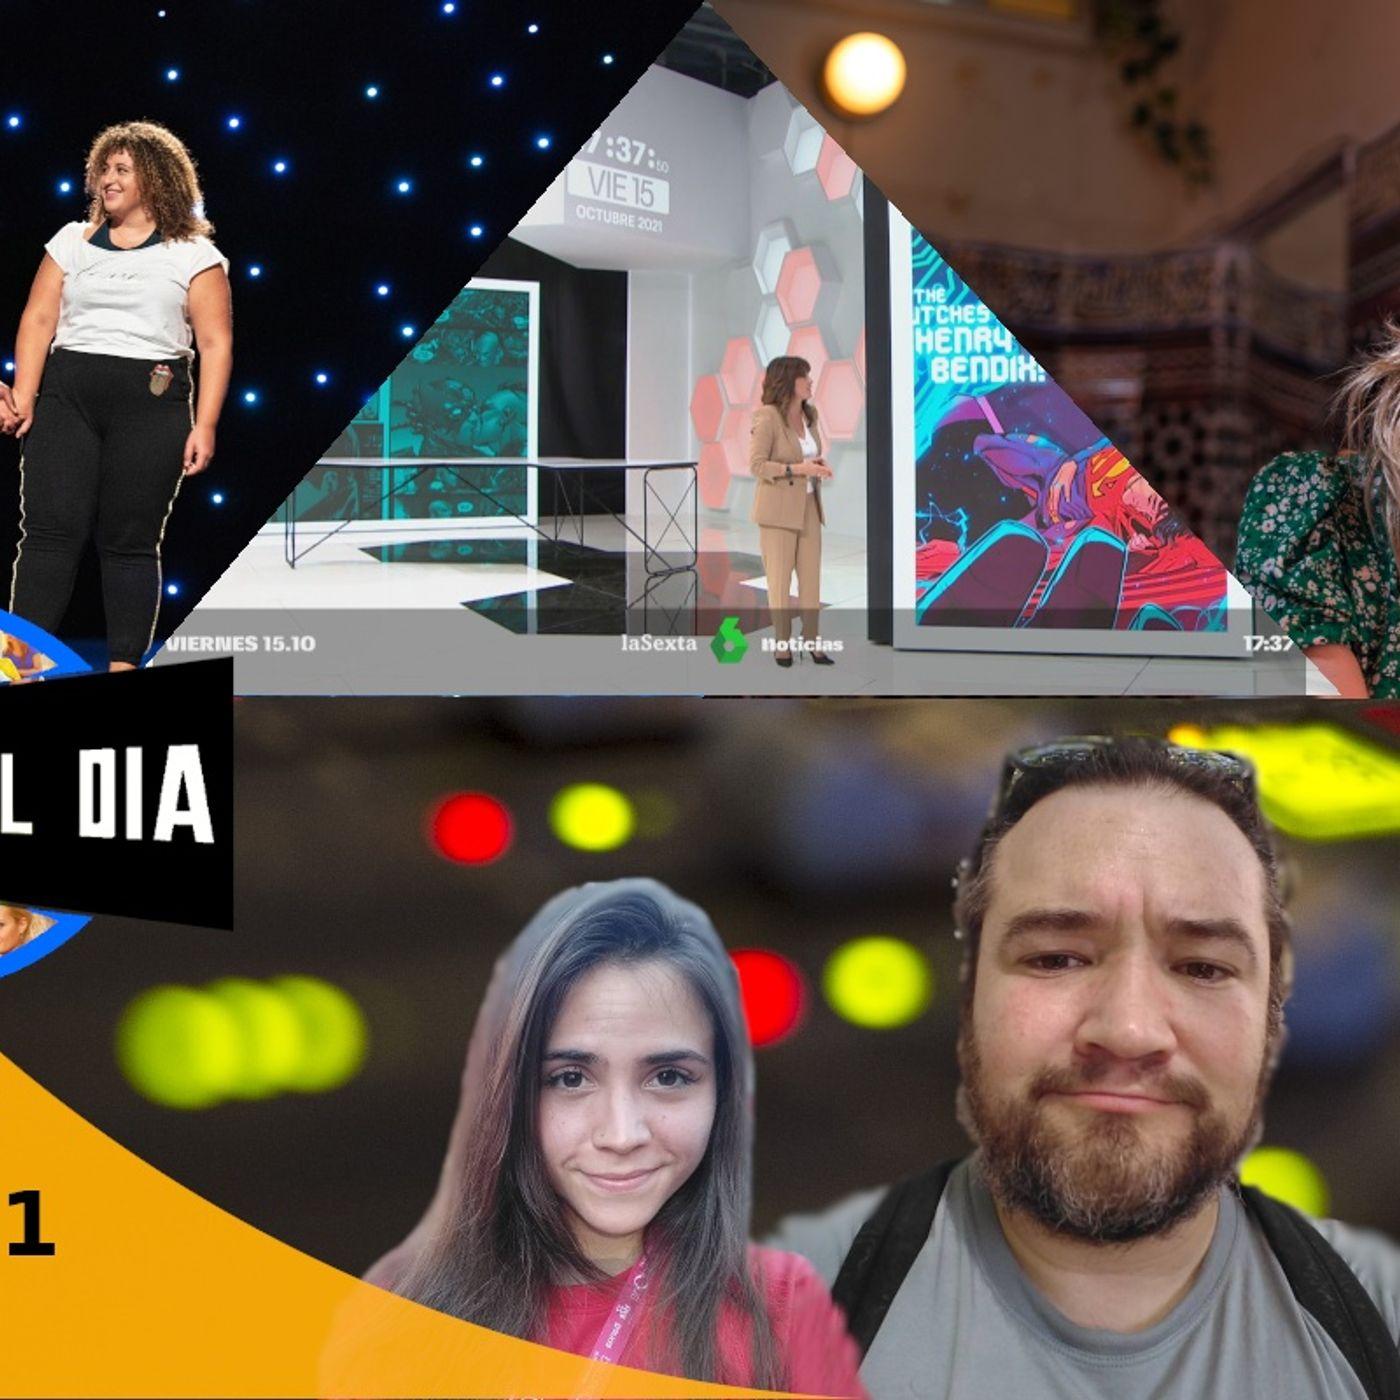 DalecandELA | LaSexta Noticias | Ponte al día 509 (18/10/21)